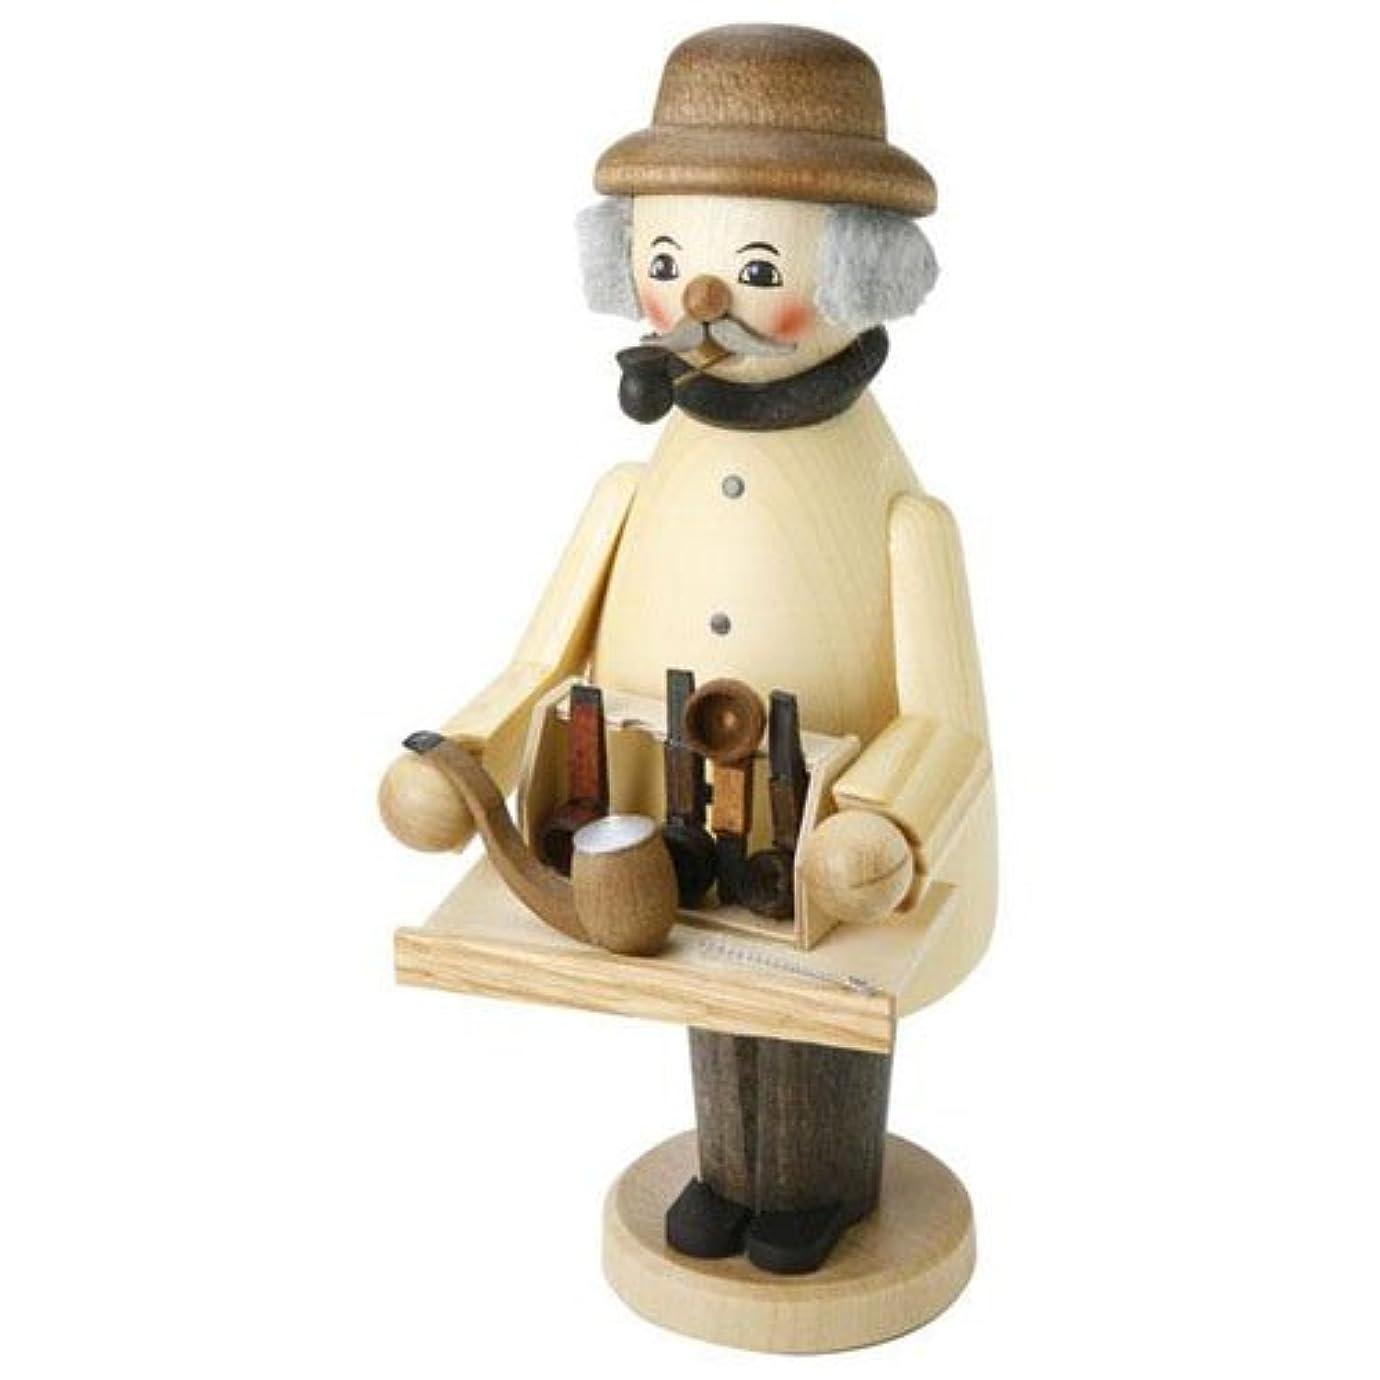 月面掃除先行する39089 Kuhnert(クーネルト) ミニパイプ人形香炉 パイプ売り